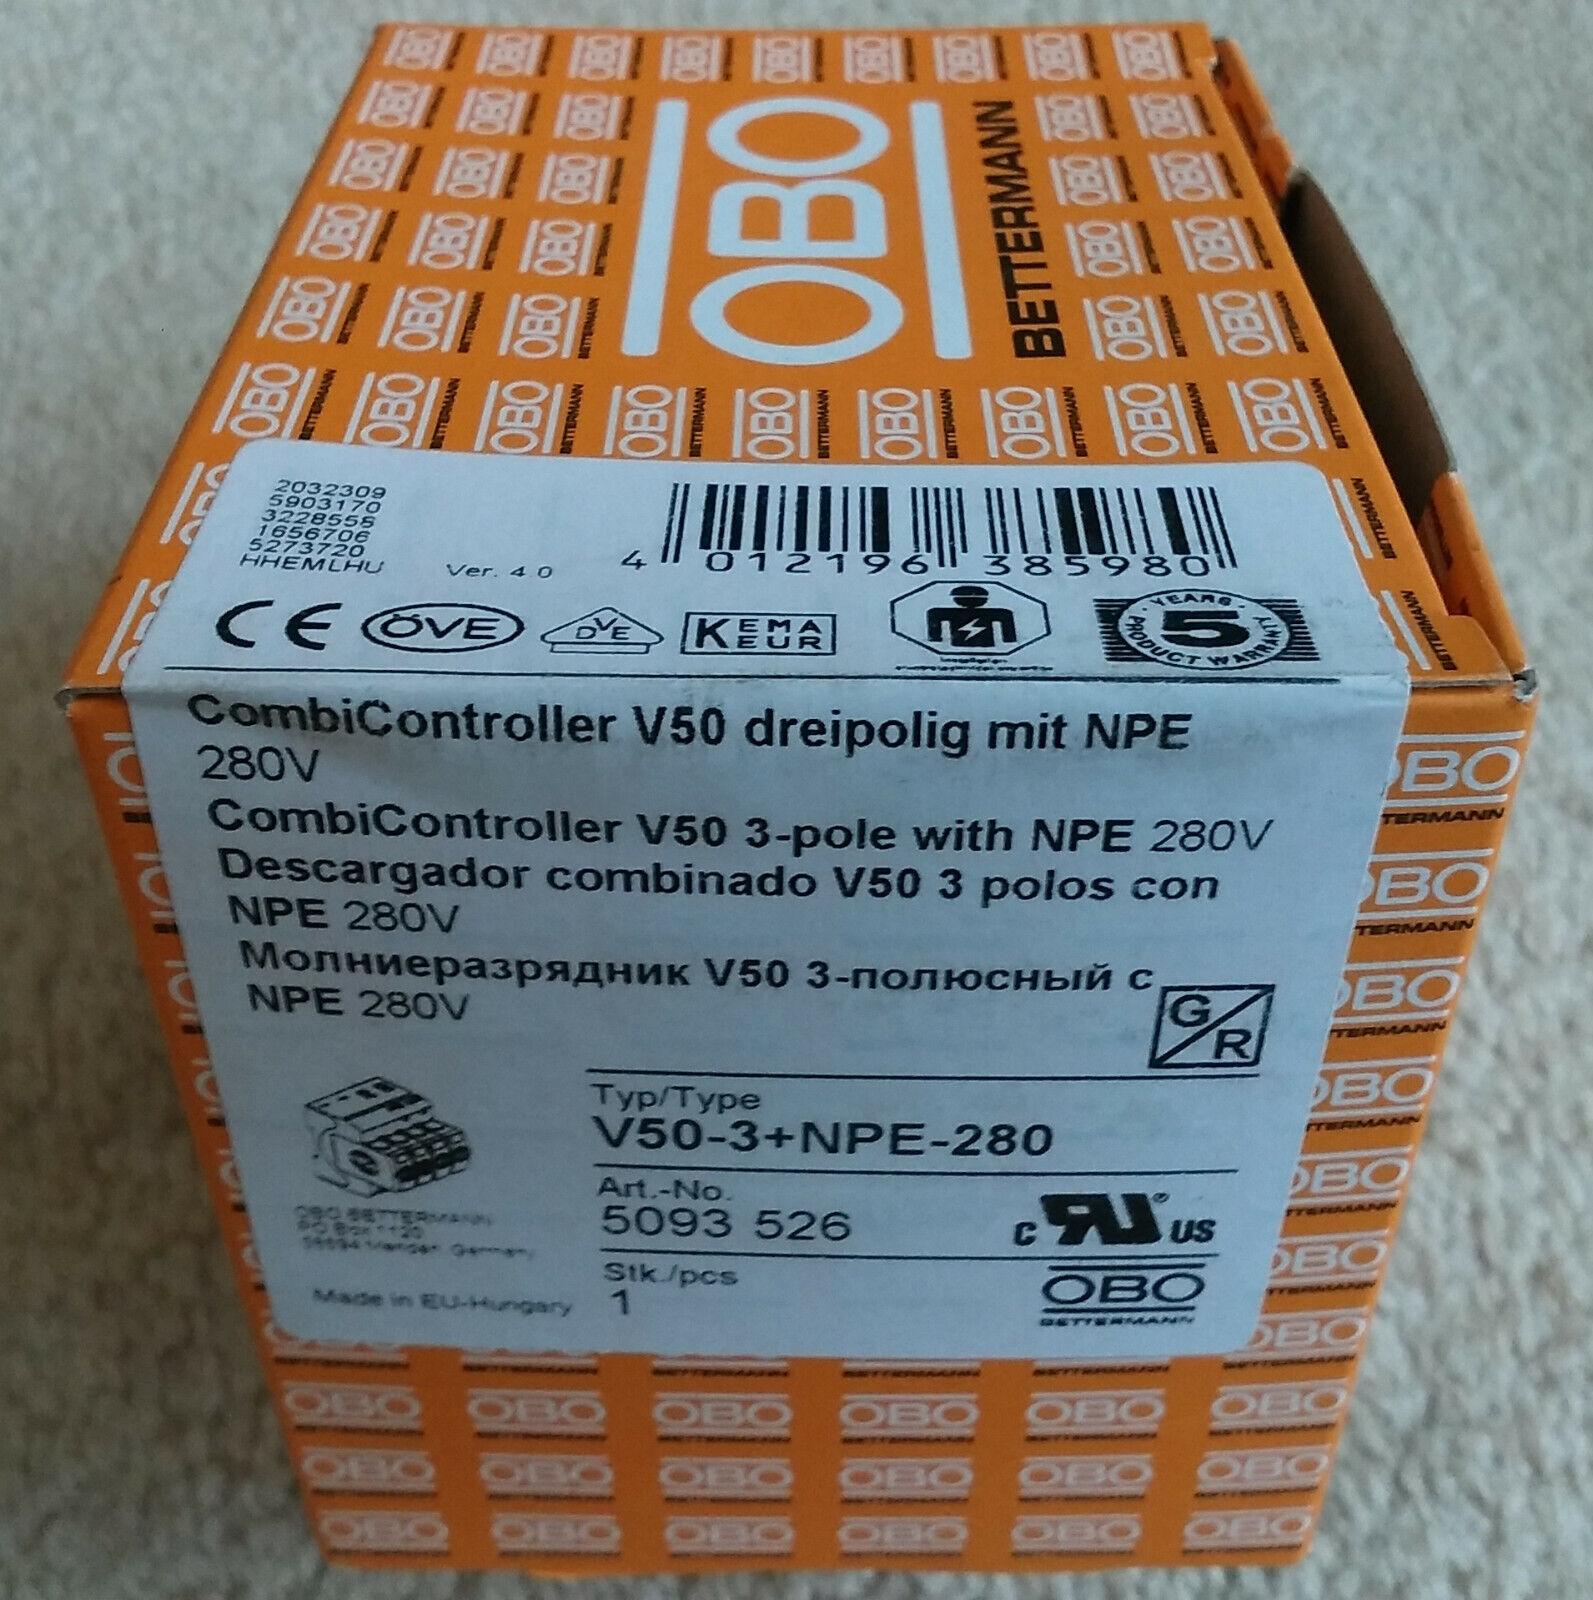 OBO BETTERMAN 5093526 KOMBIABLEITER 1+2 V50 3-POLIG+NPE 280 V